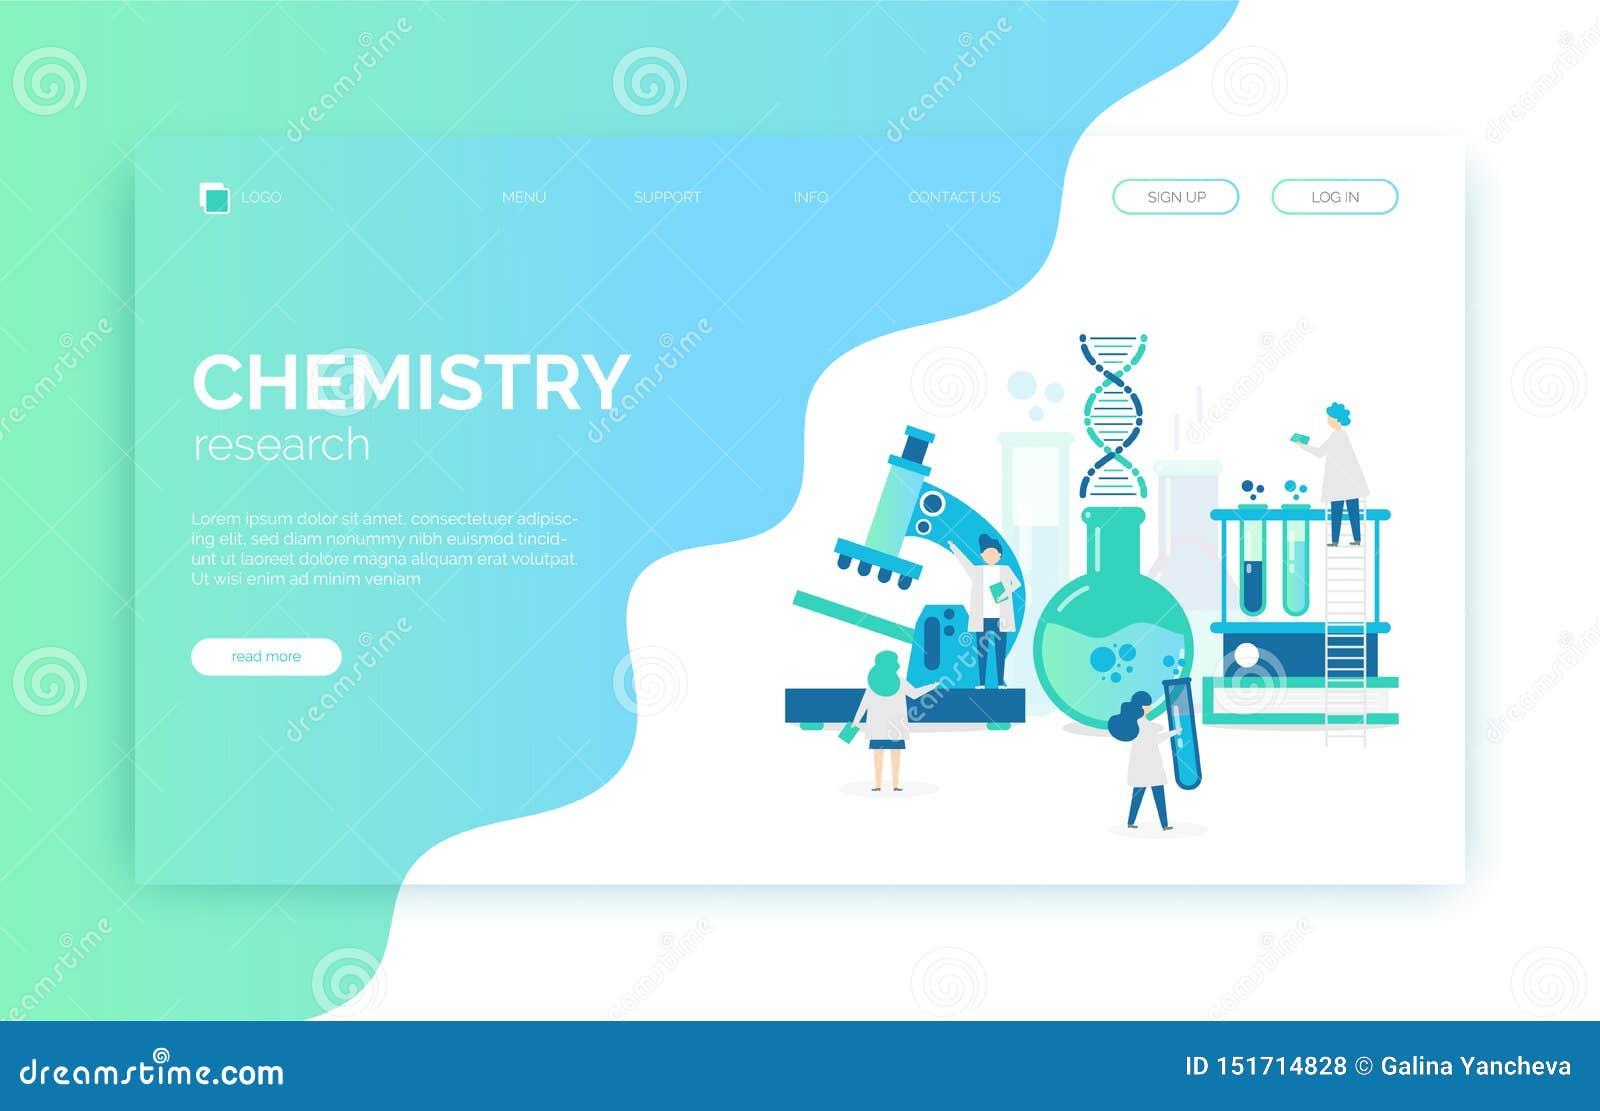 Chemische laboratoriumillustratie met wetenschappers, microscoop, buizen, DNA, onderzoek